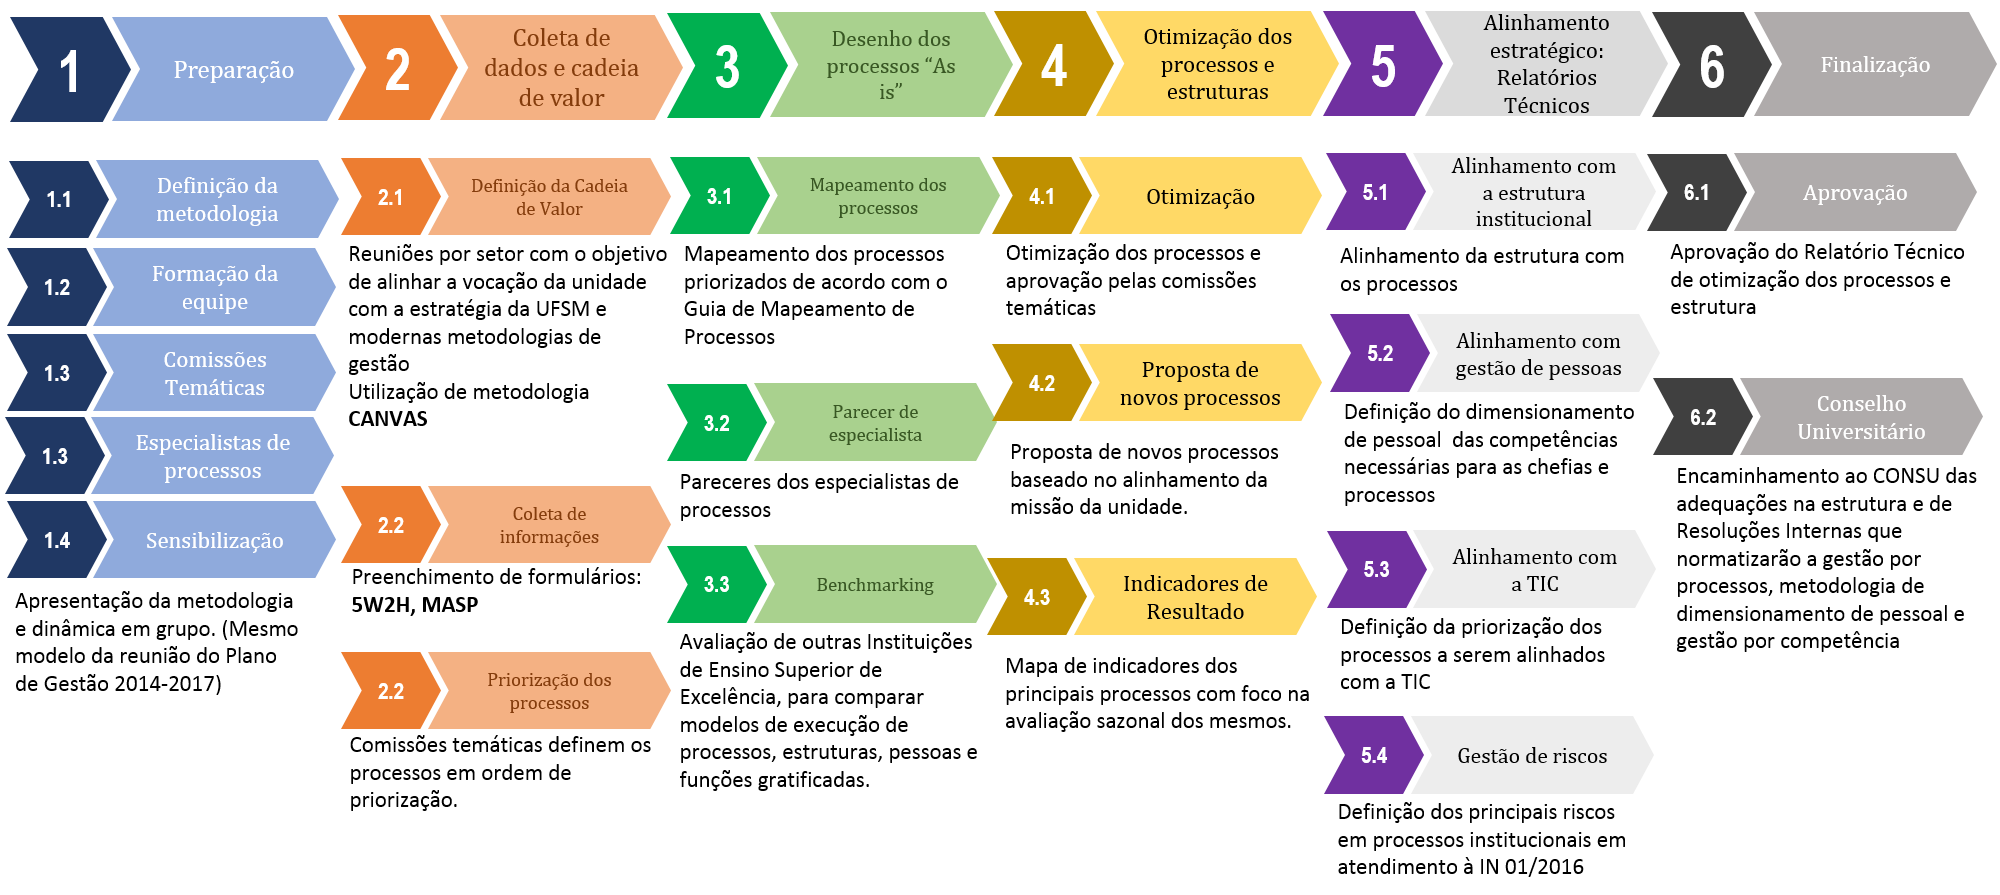 Infográfico que apresenta seis fases. A primeira, preparação, a segunda, coleta de dados e cadeia de valor, a terceira, desenho dos processos